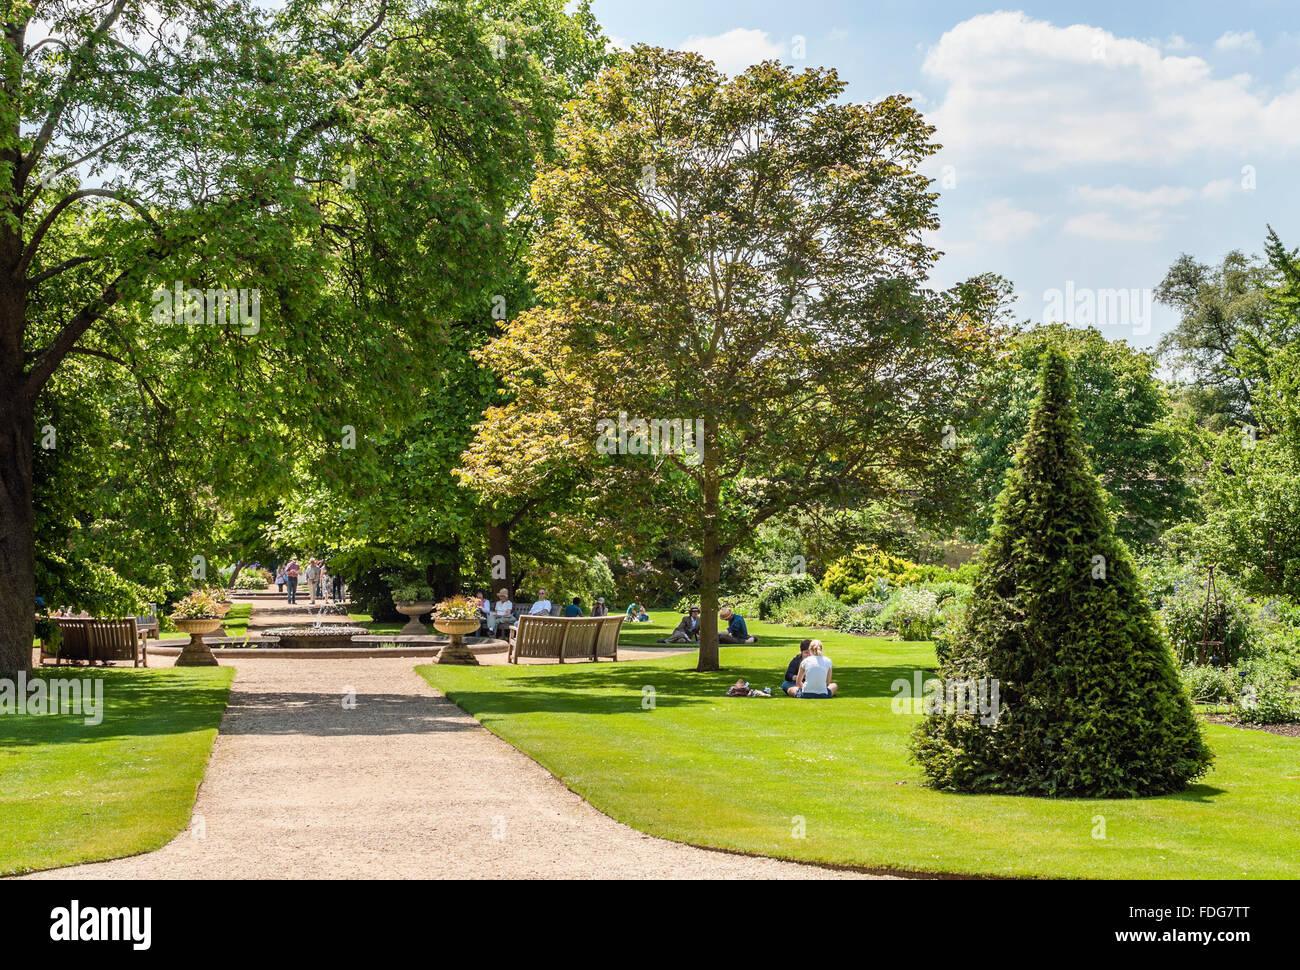 Presso l'Università Giardini Botanici presso la città di Oxford, England, Regno Unito | Università Immagini Stock